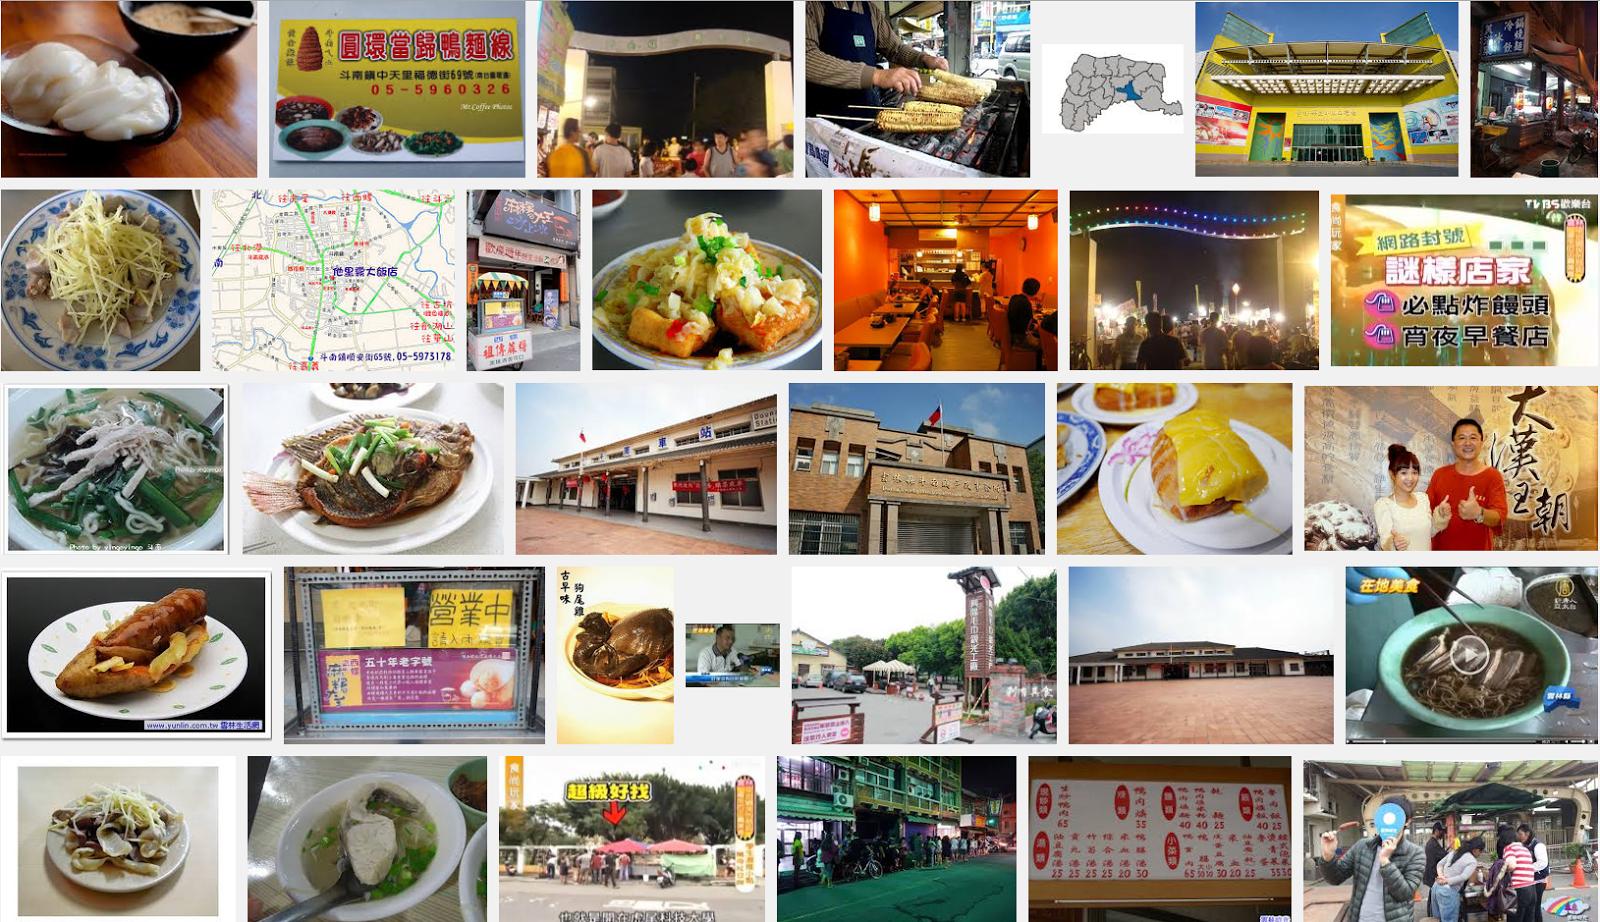 雲林美食趴趴GO《斗南小吃&美食整理》好好吃遍全斗南吧!